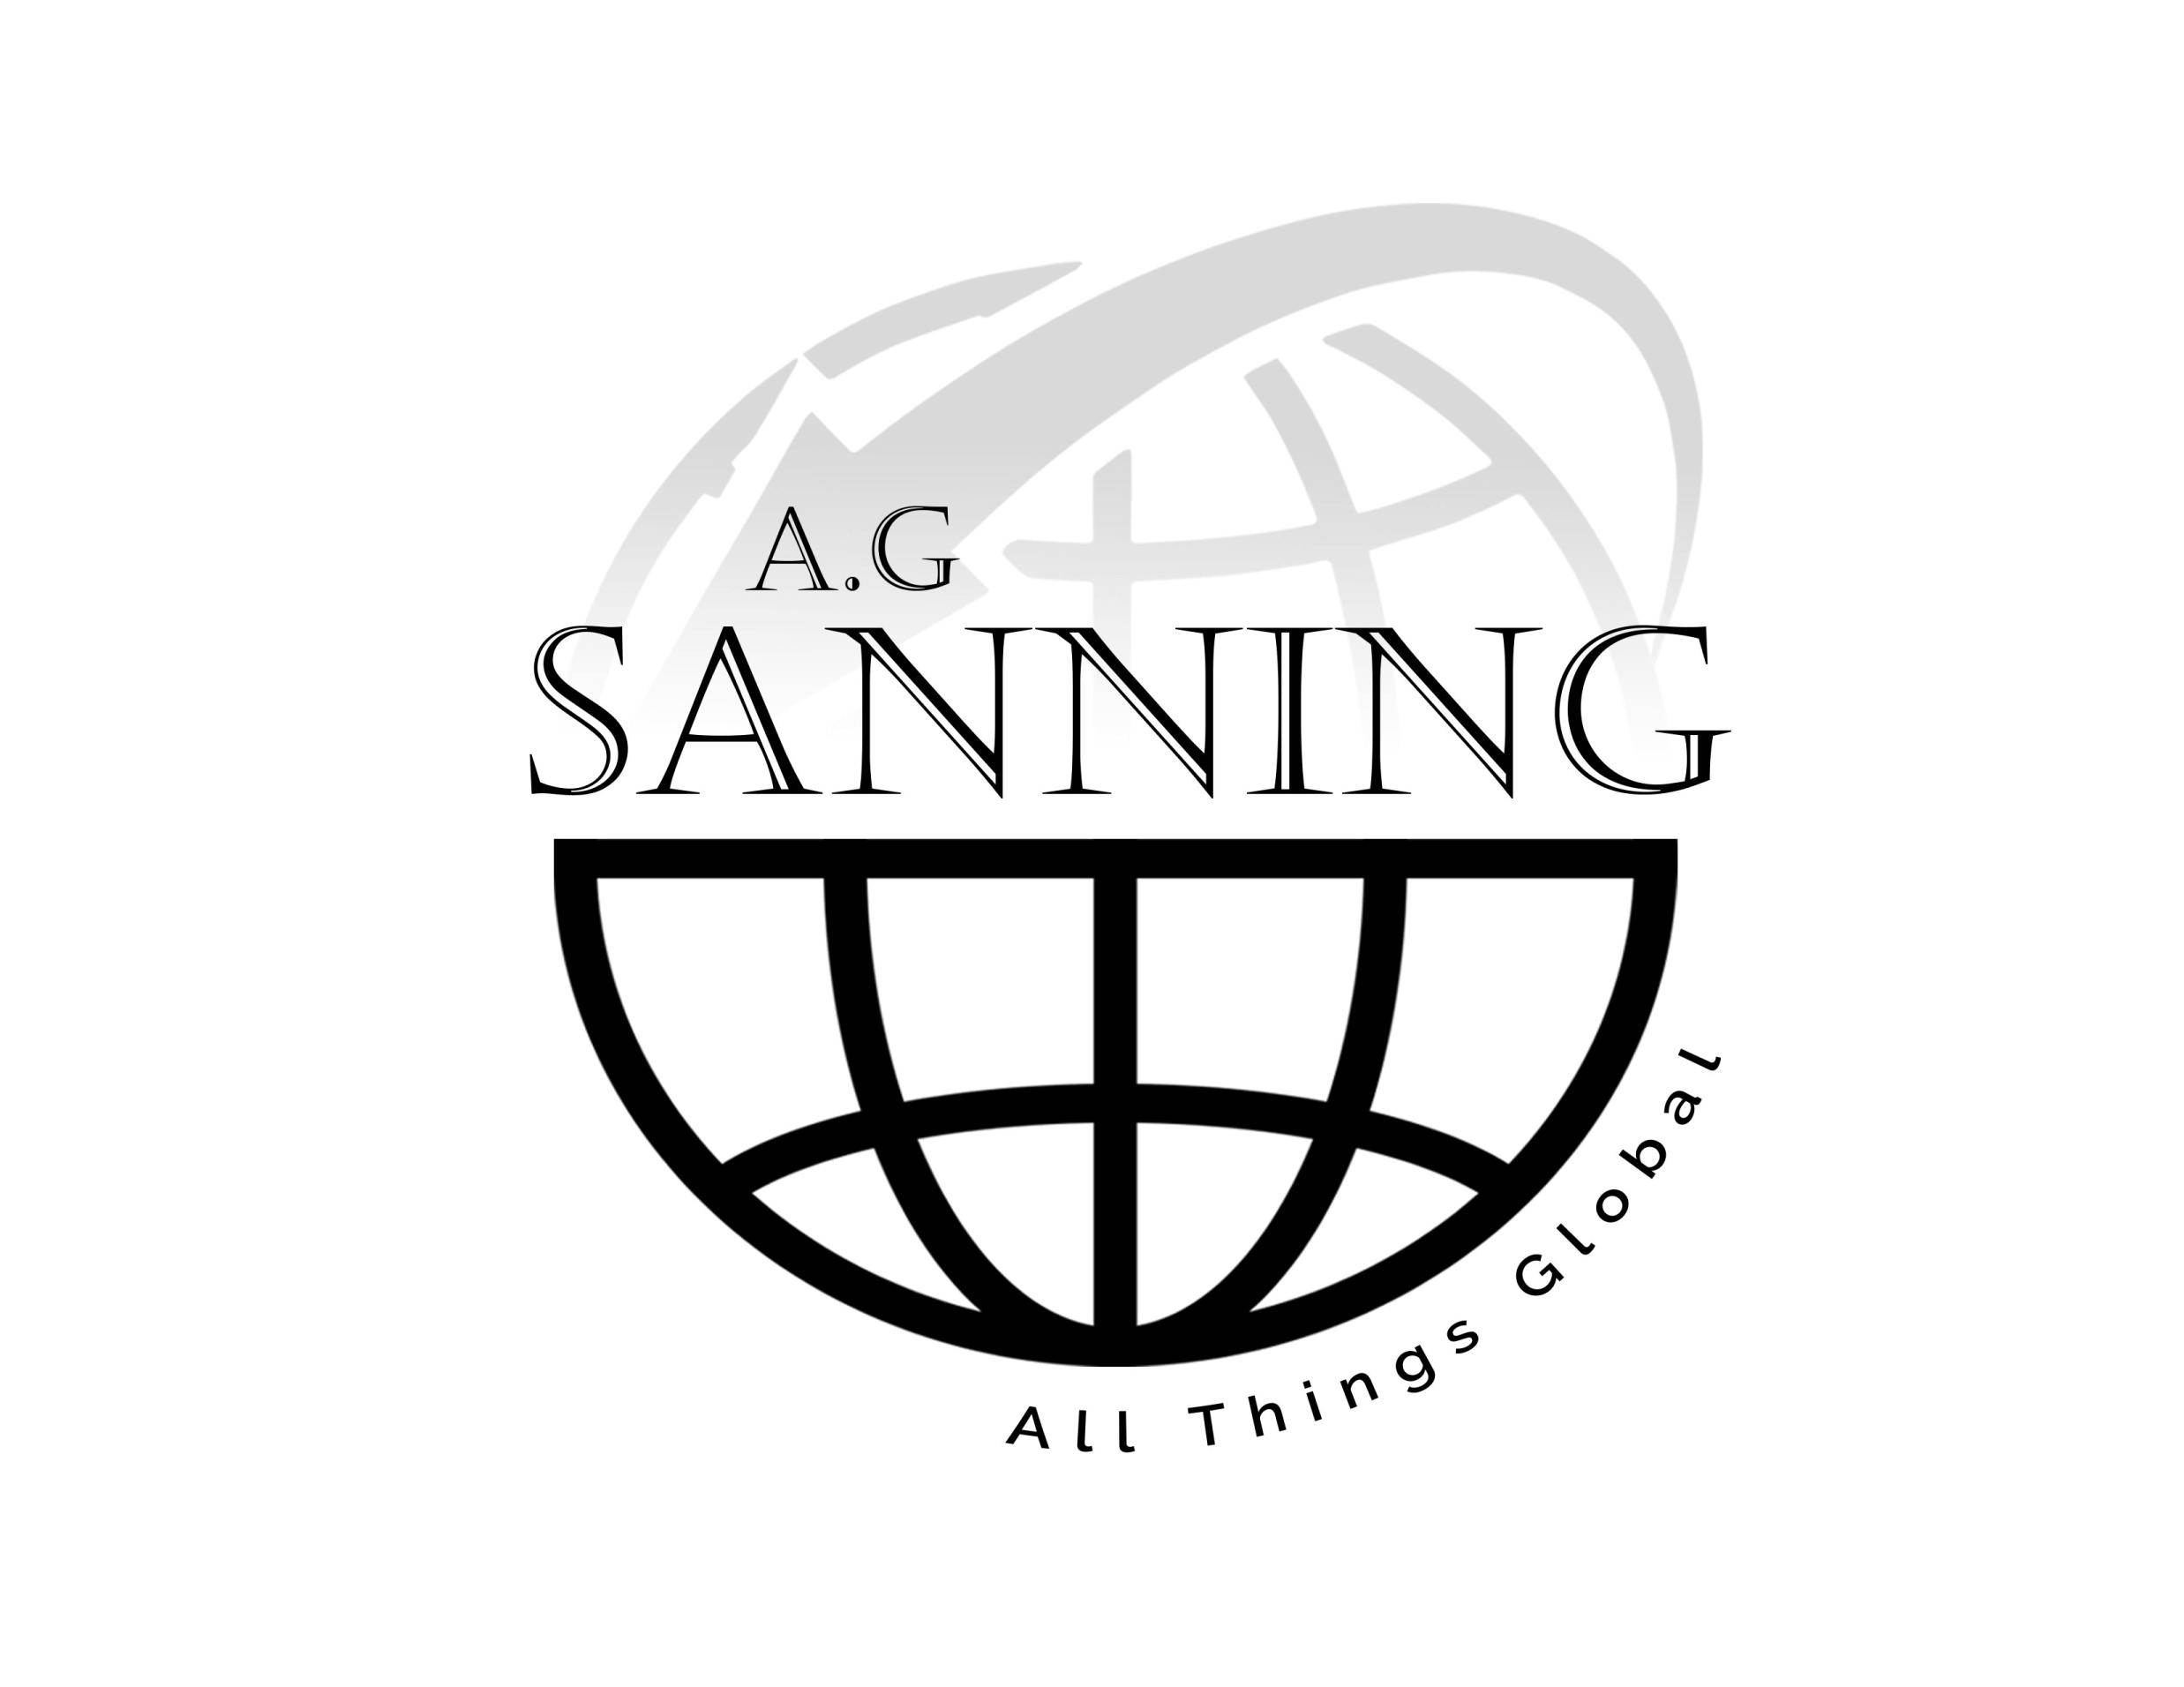 A.G. Sanning